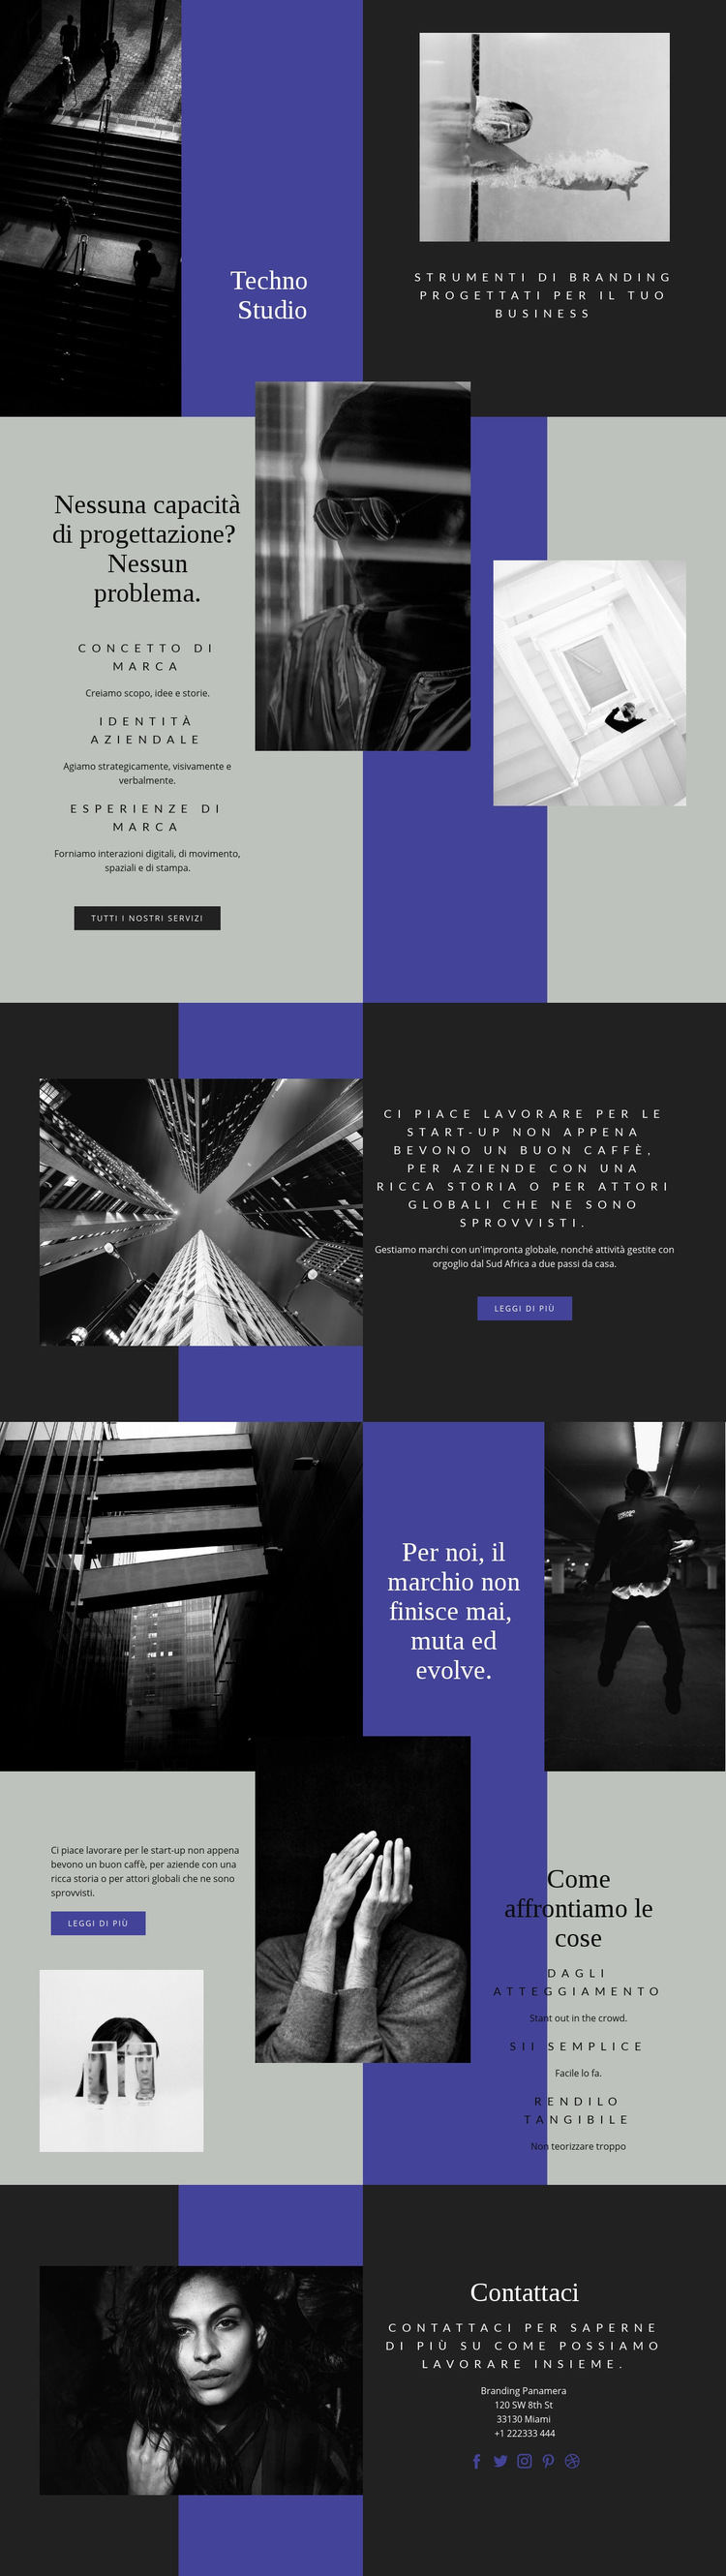 Competenze tecnologiche nel mondo degli affari Modello di sito Web